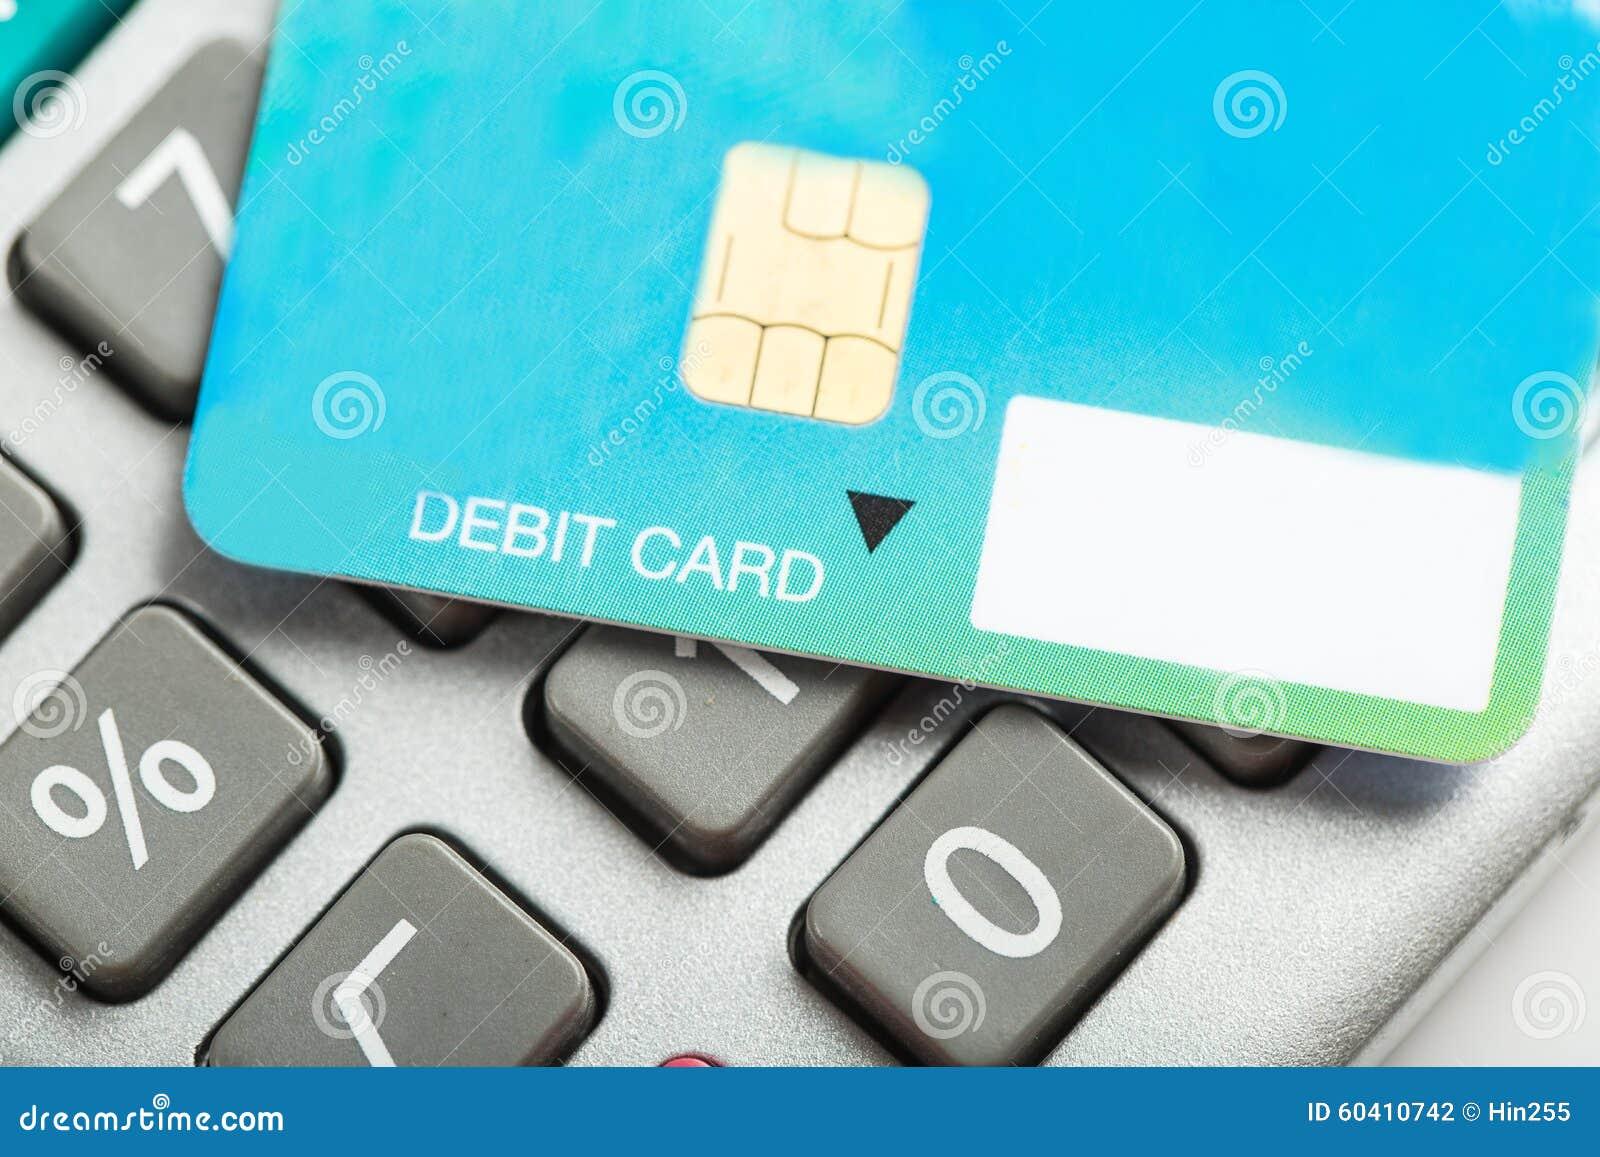 抽象蓝色看板卡赊帐照片